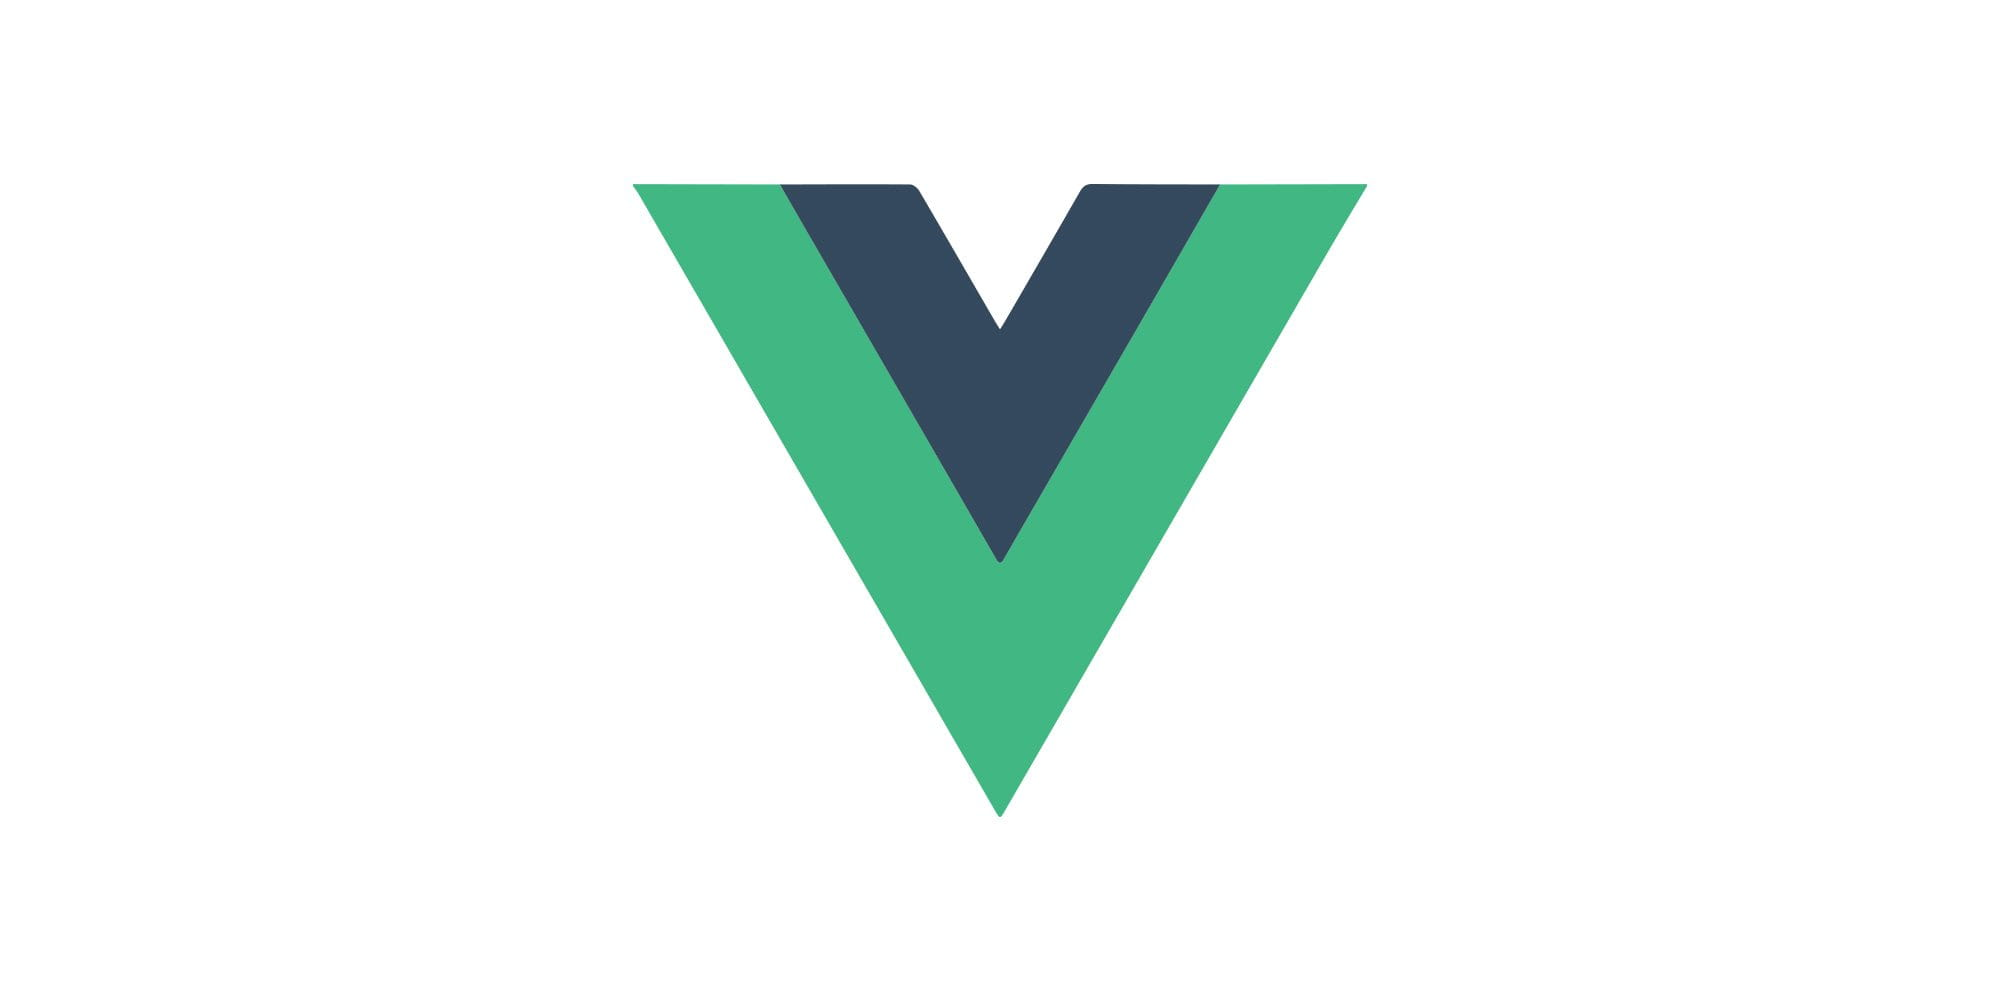 Vue js入門】Vue jsを使ってインタラクティブなユーザー